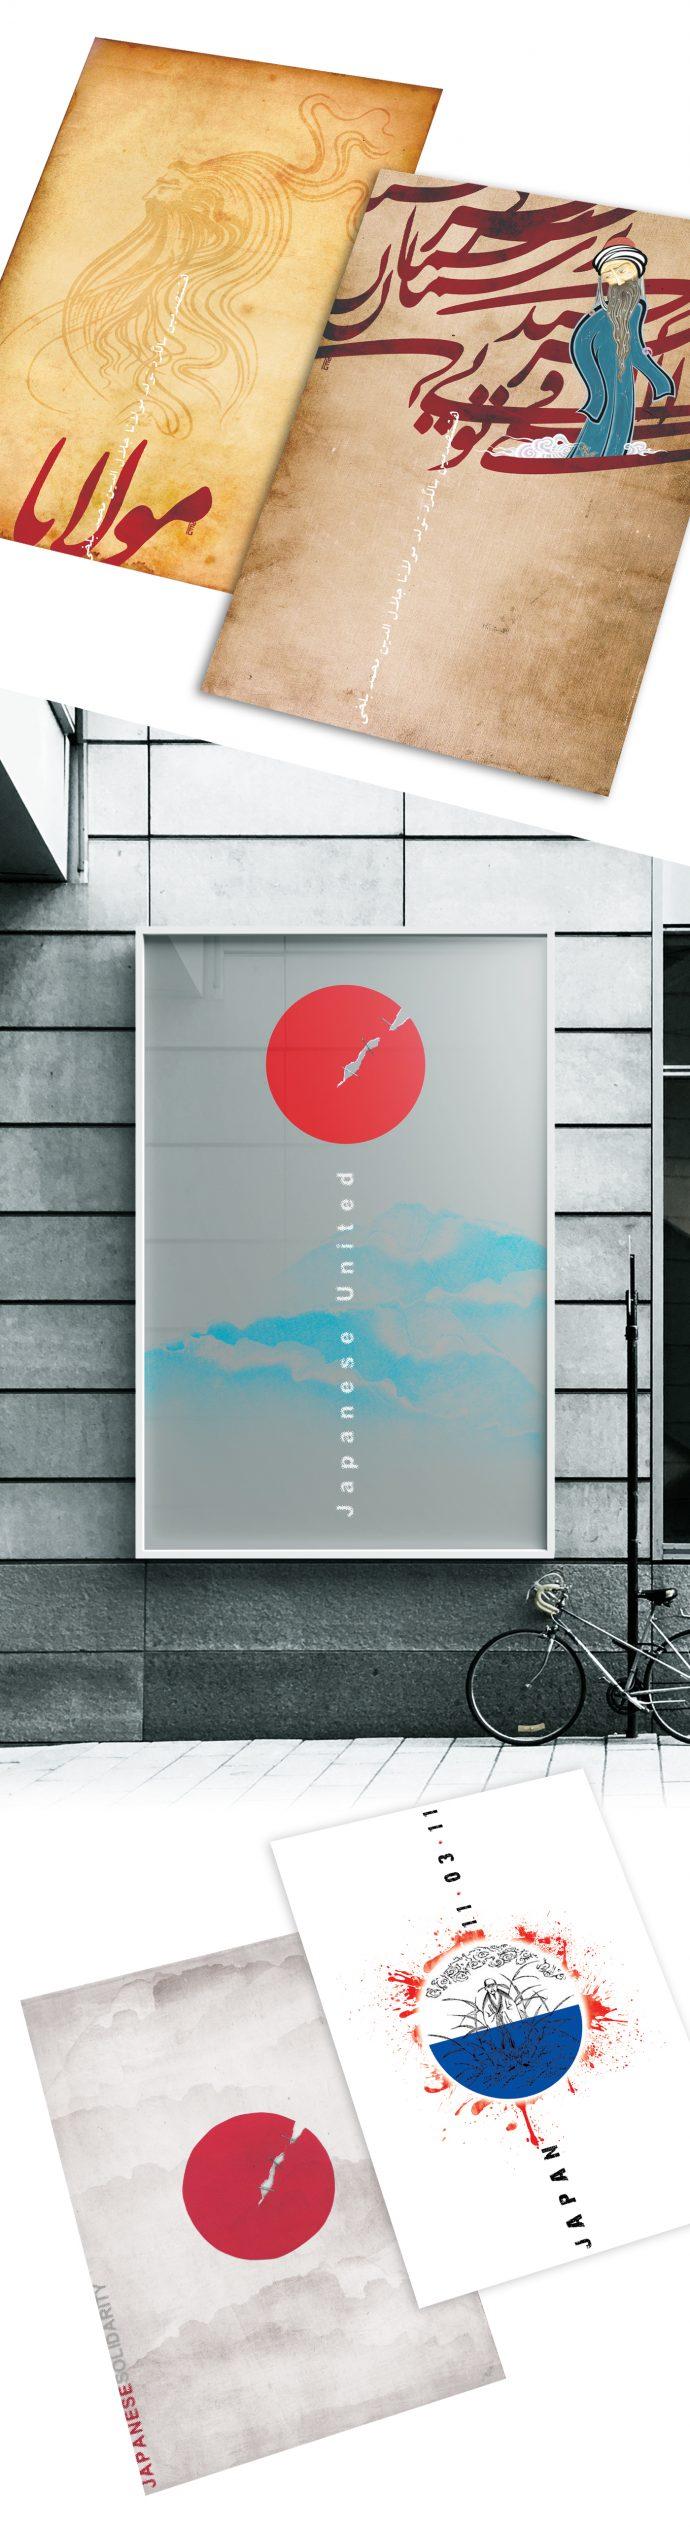 Danyal-Fallah_Posters_7